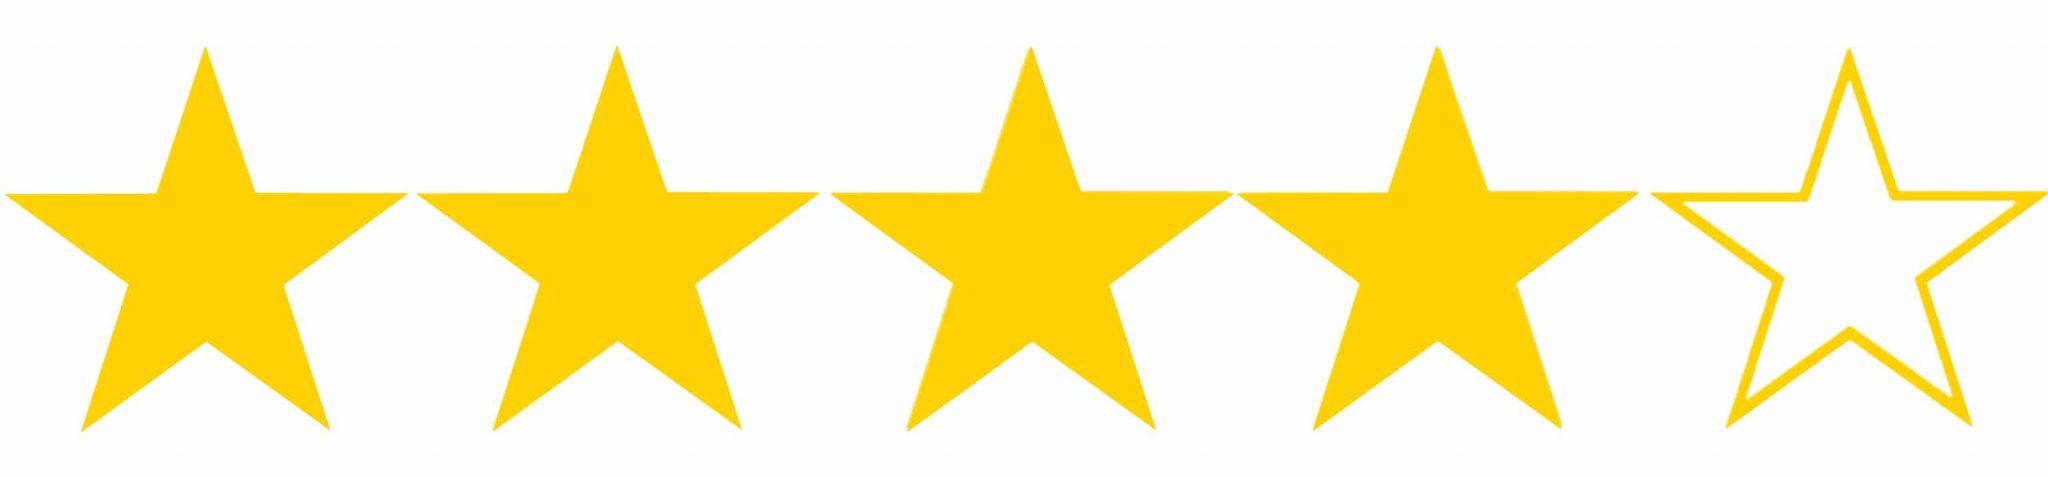 How many stars